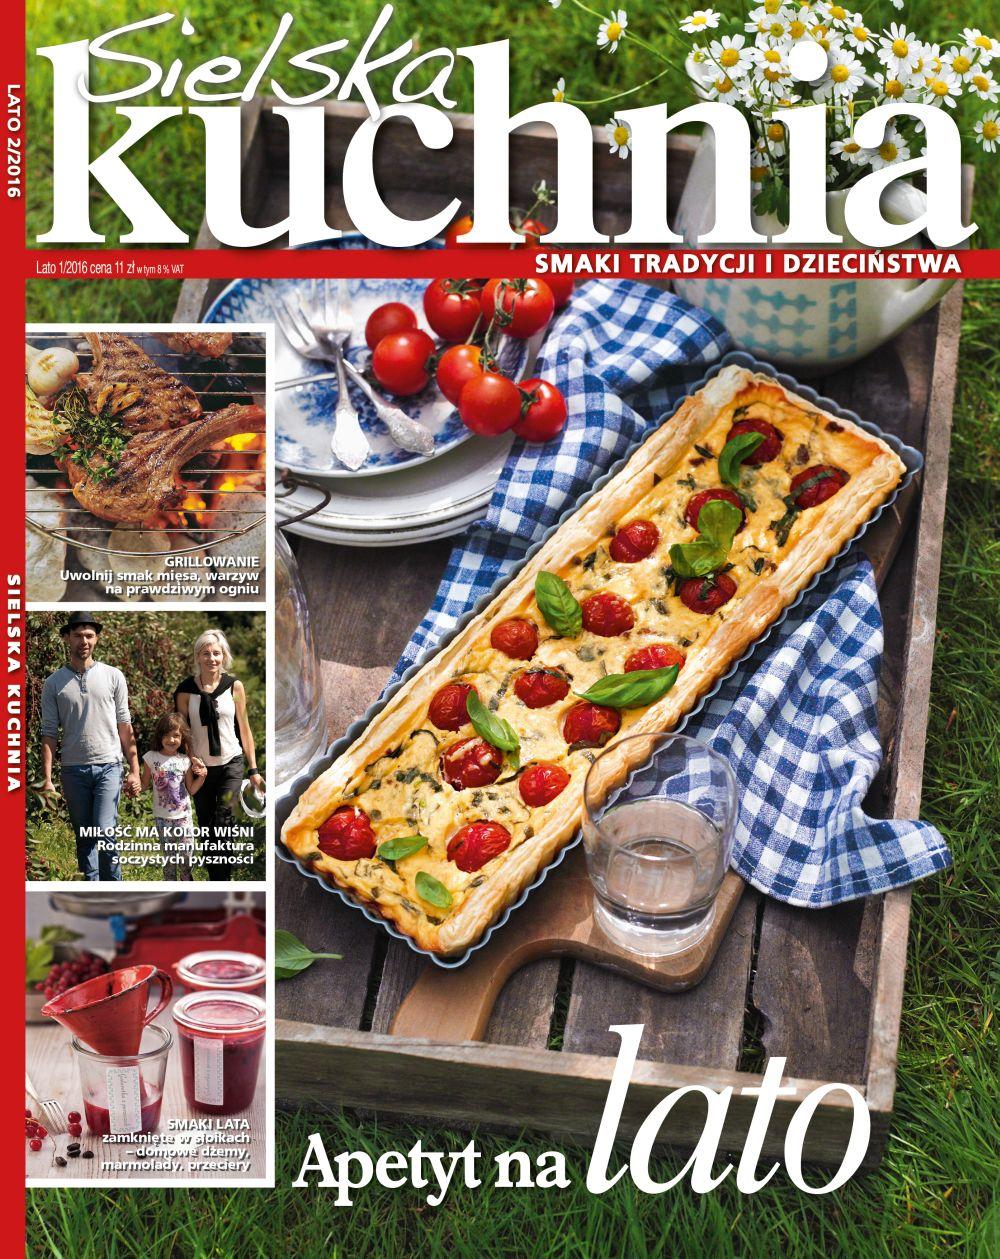 Sielska Kuchnia 22016 Pierwsze Strony Jedynki